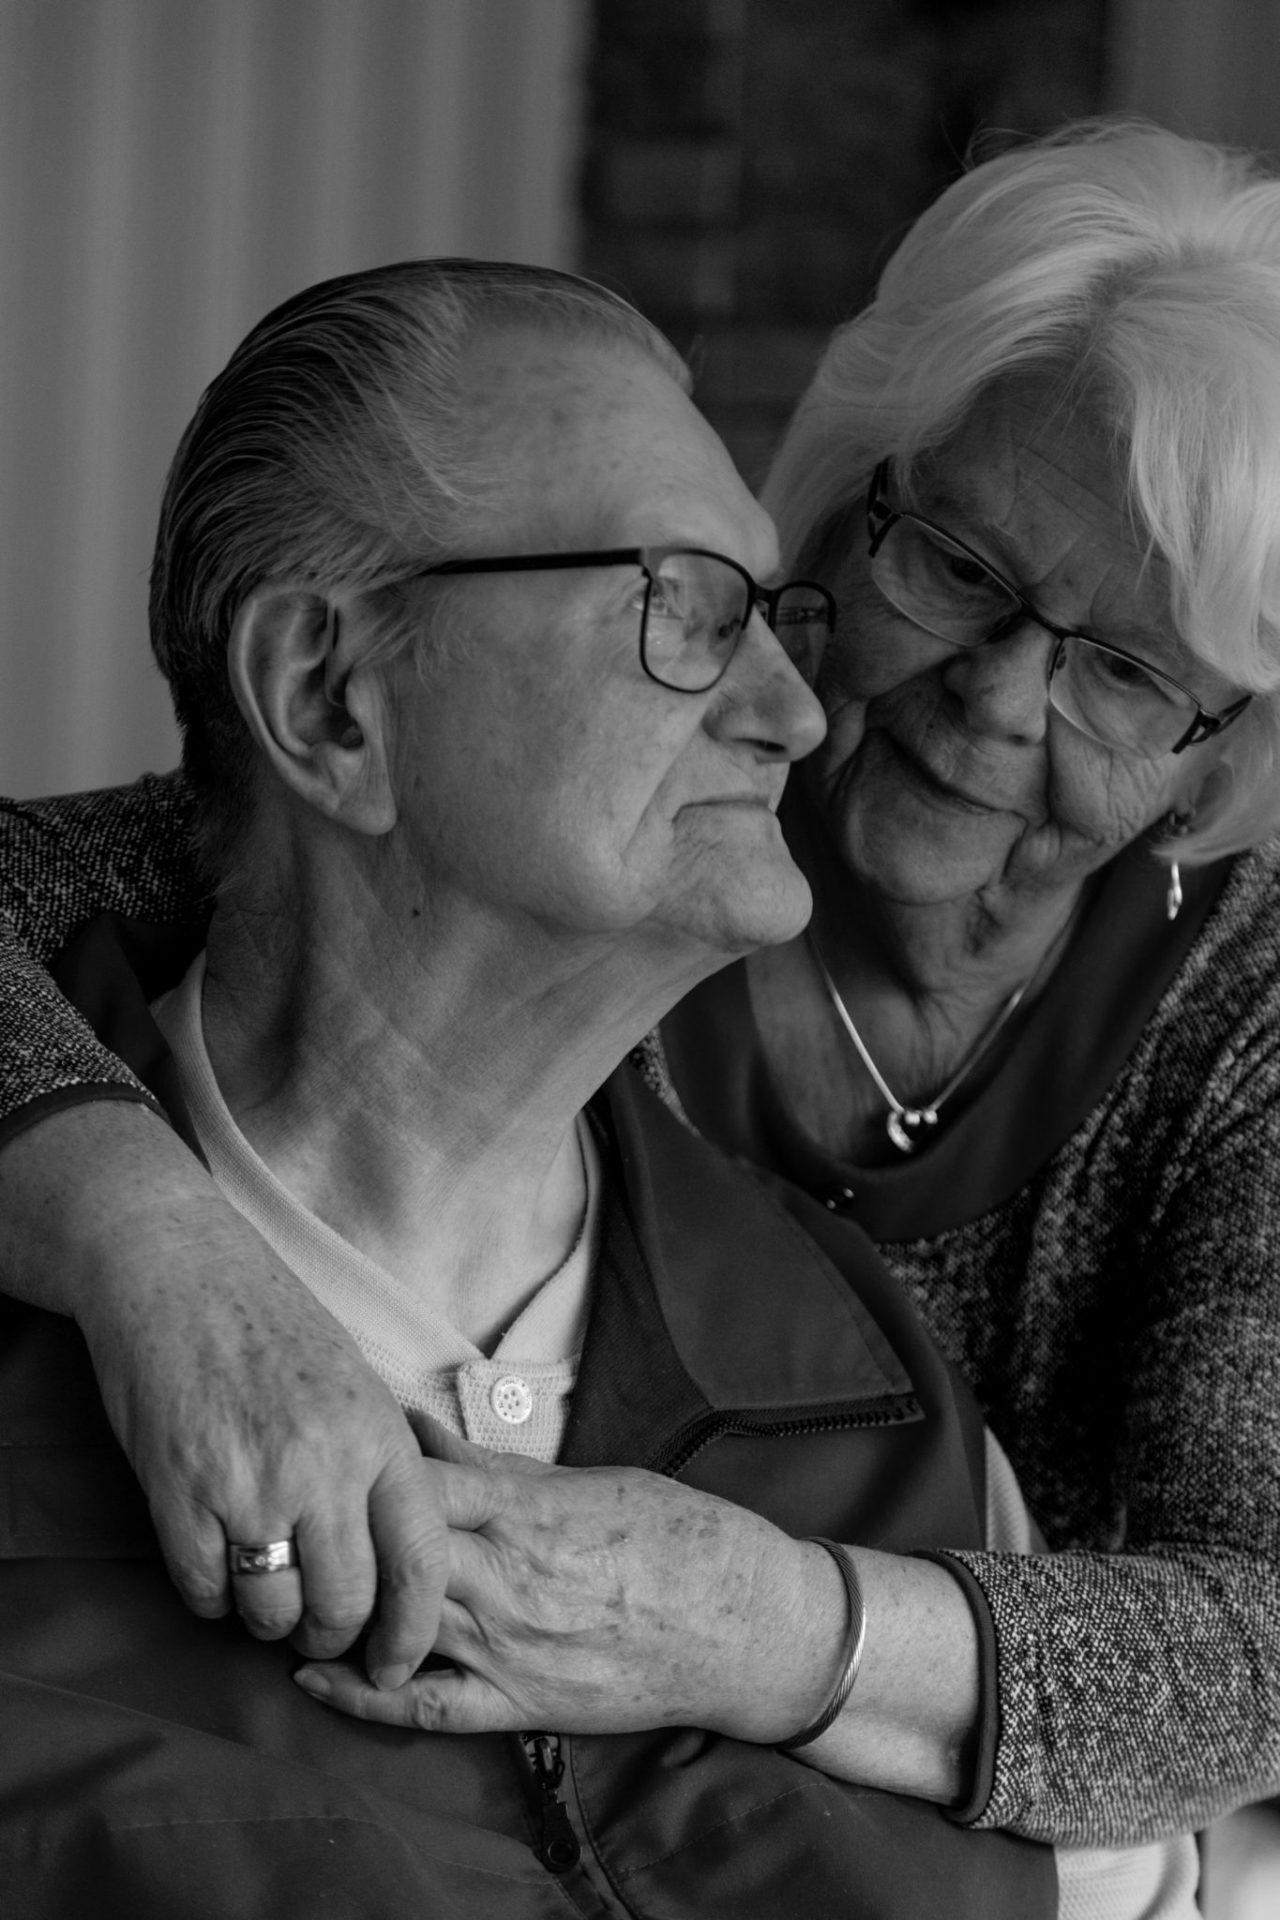 Oma und Opas Herzbilder. Fotoreportage über die Liebe. Authentic Love.